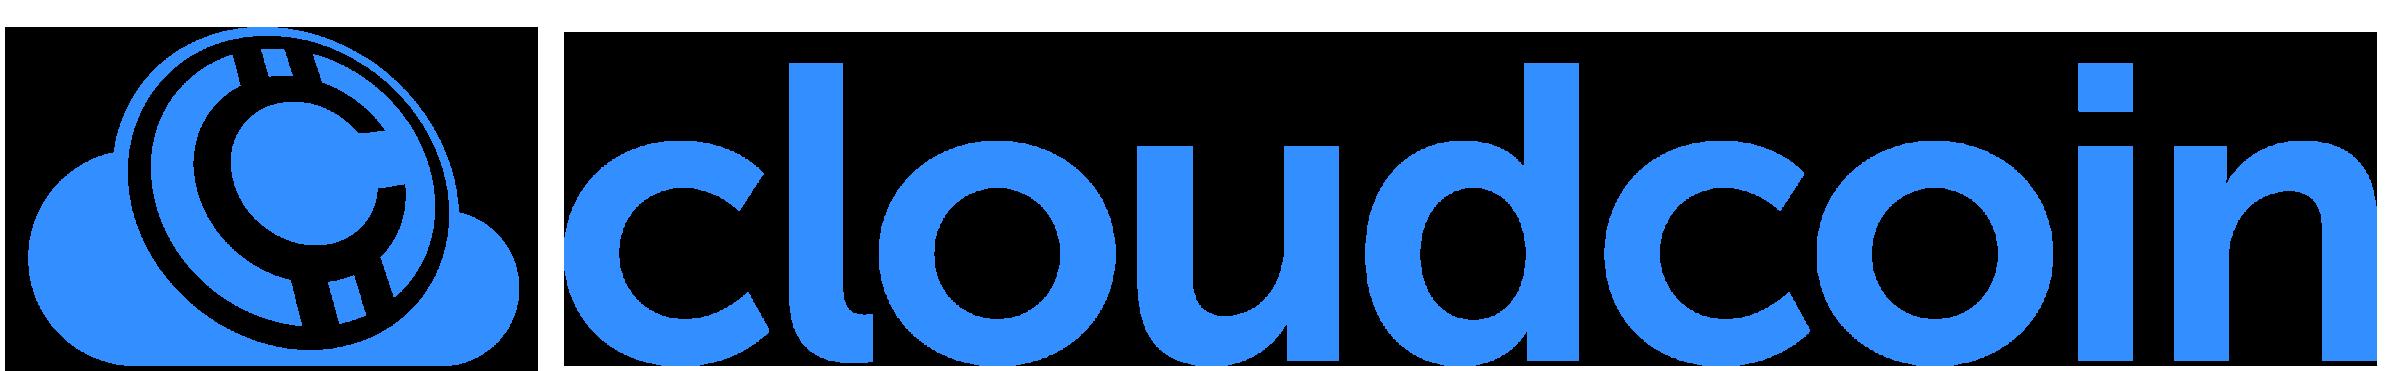 CloudCoin logo